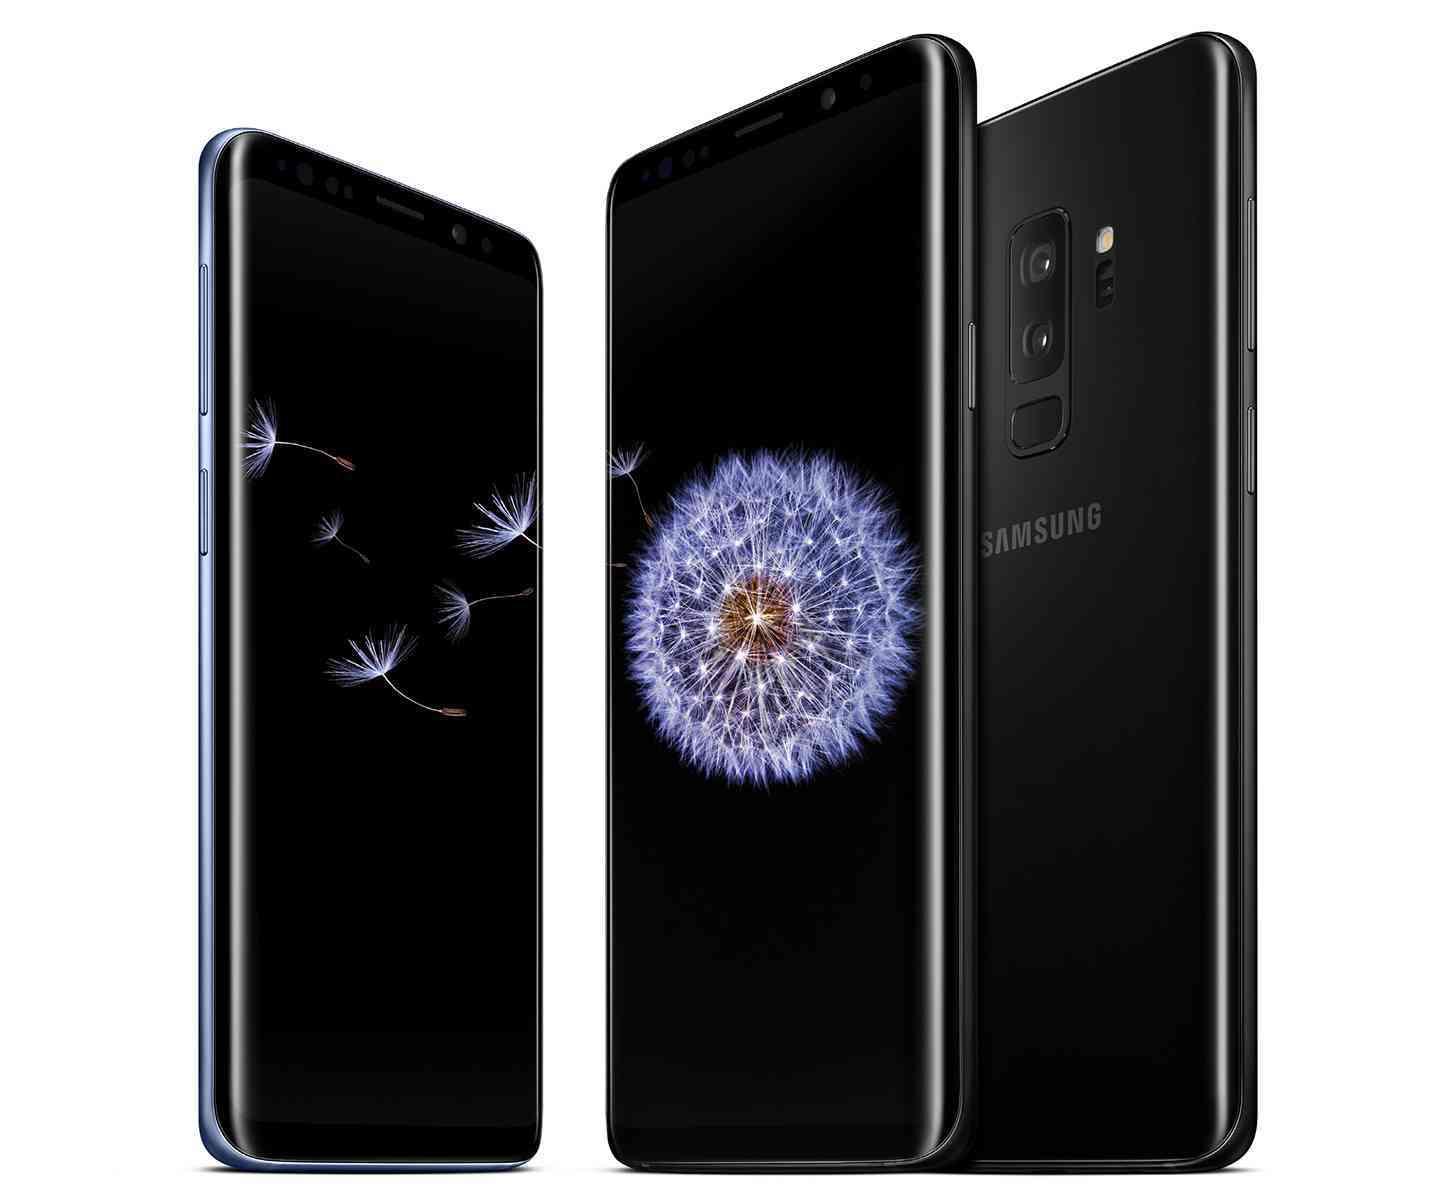 Samsung%20Galaxy%20S9